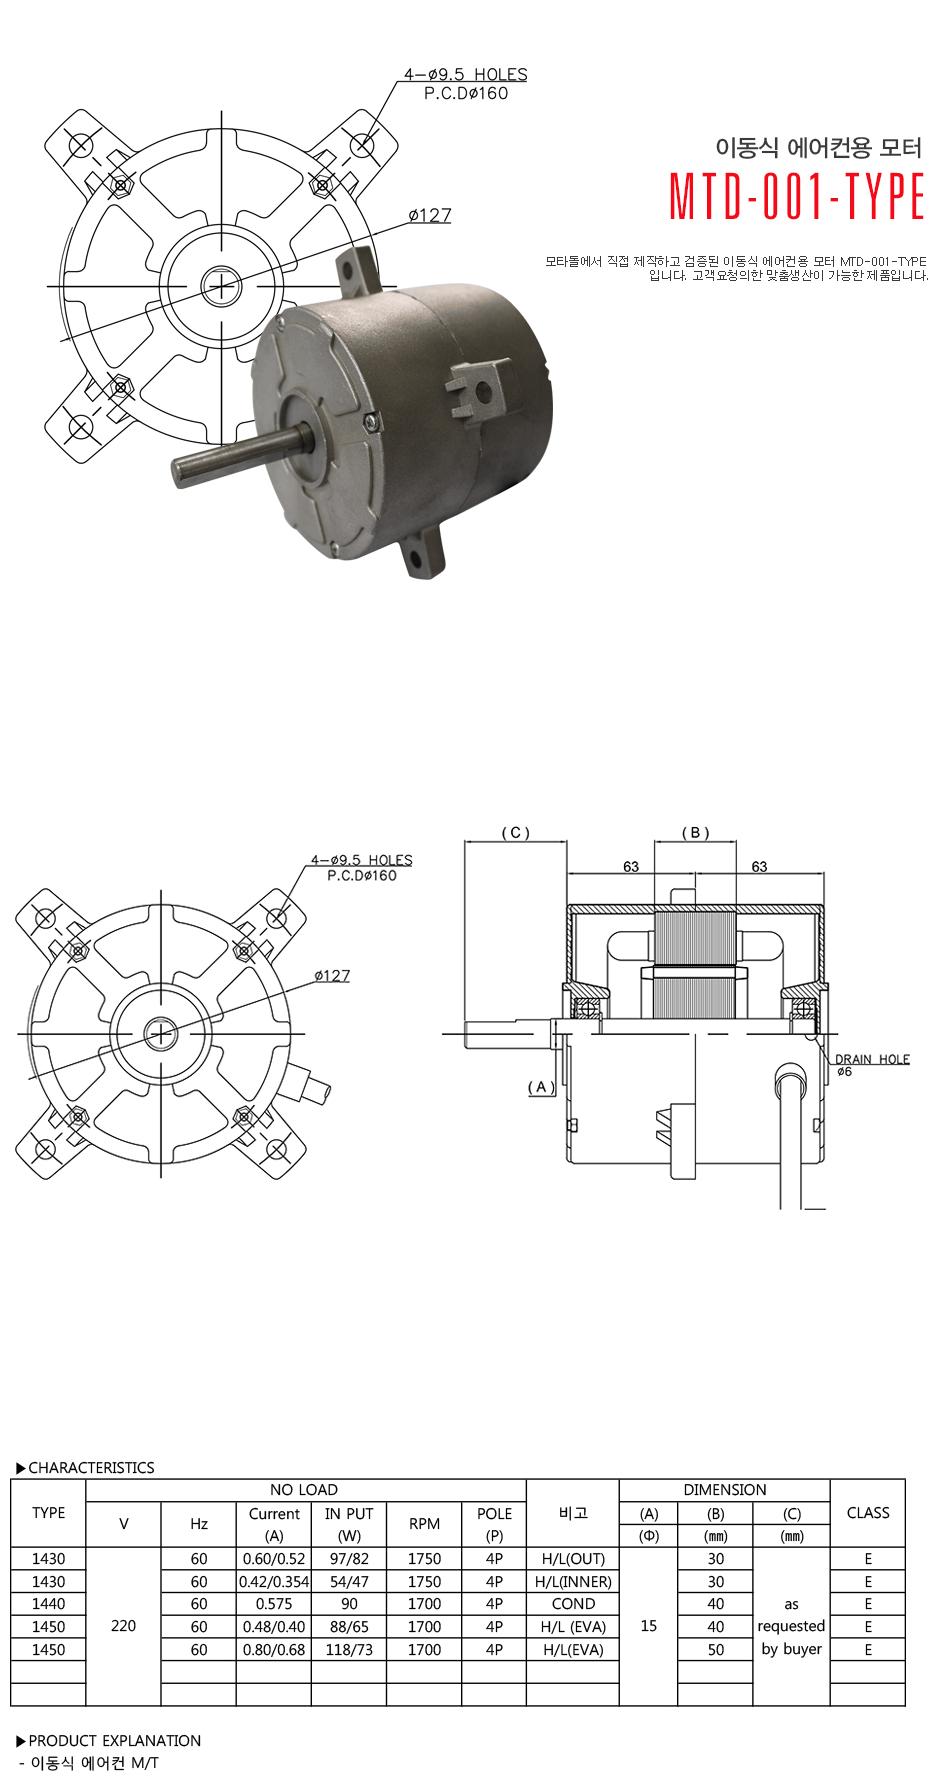 모타돌 이동식 에어컨용 모터 MTD-001 Type